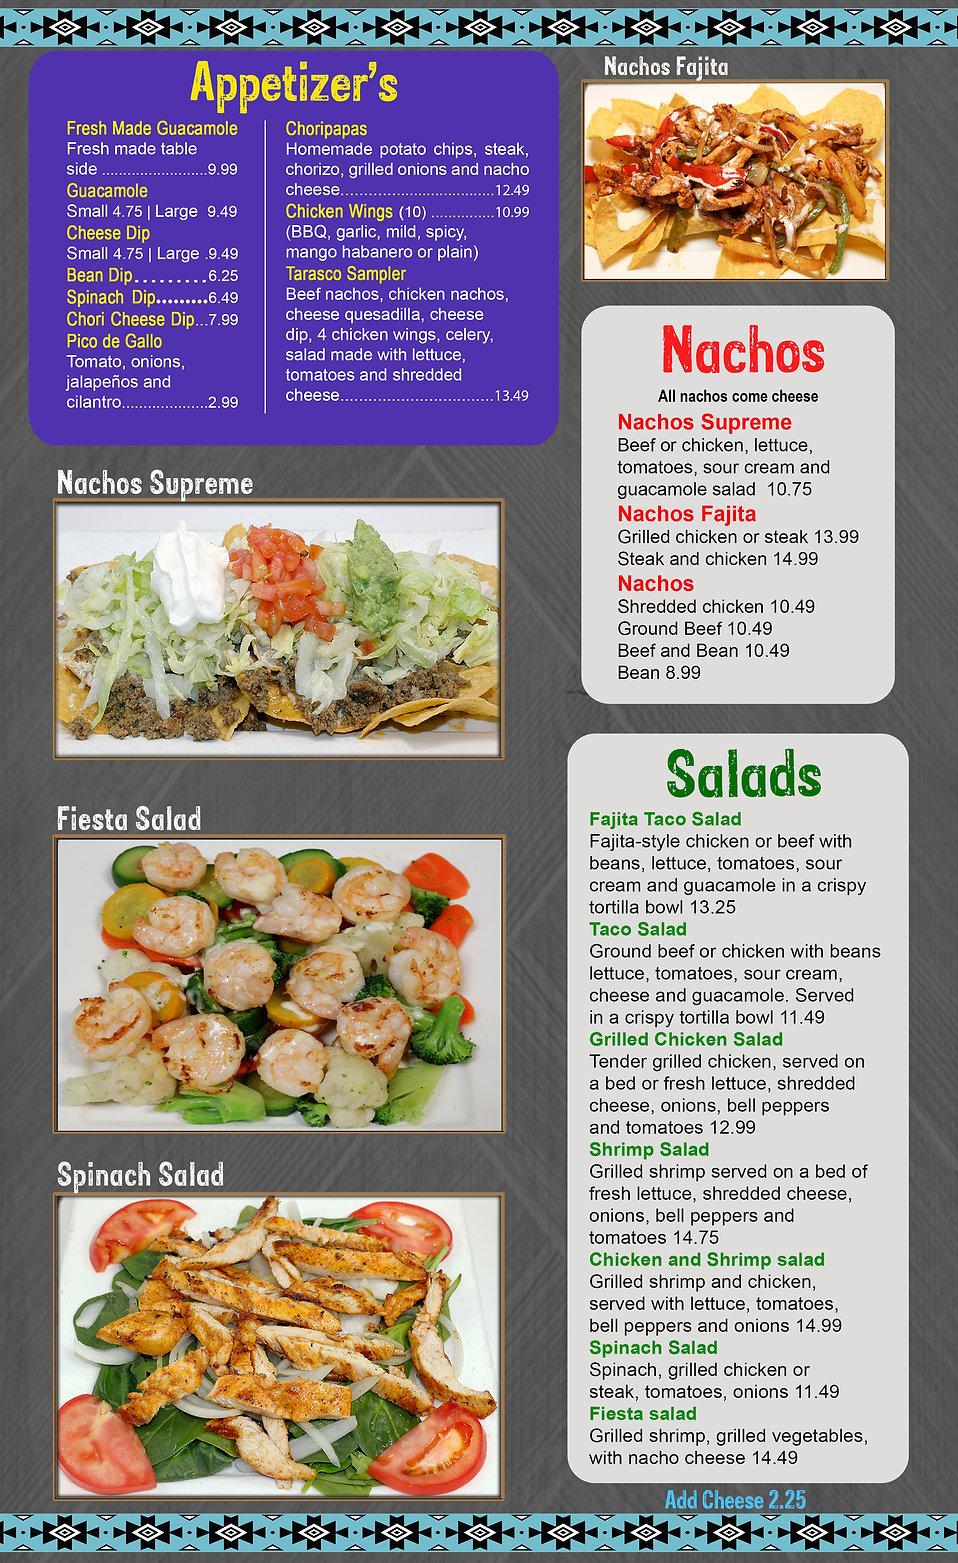 C - Appetizers 3.jpg